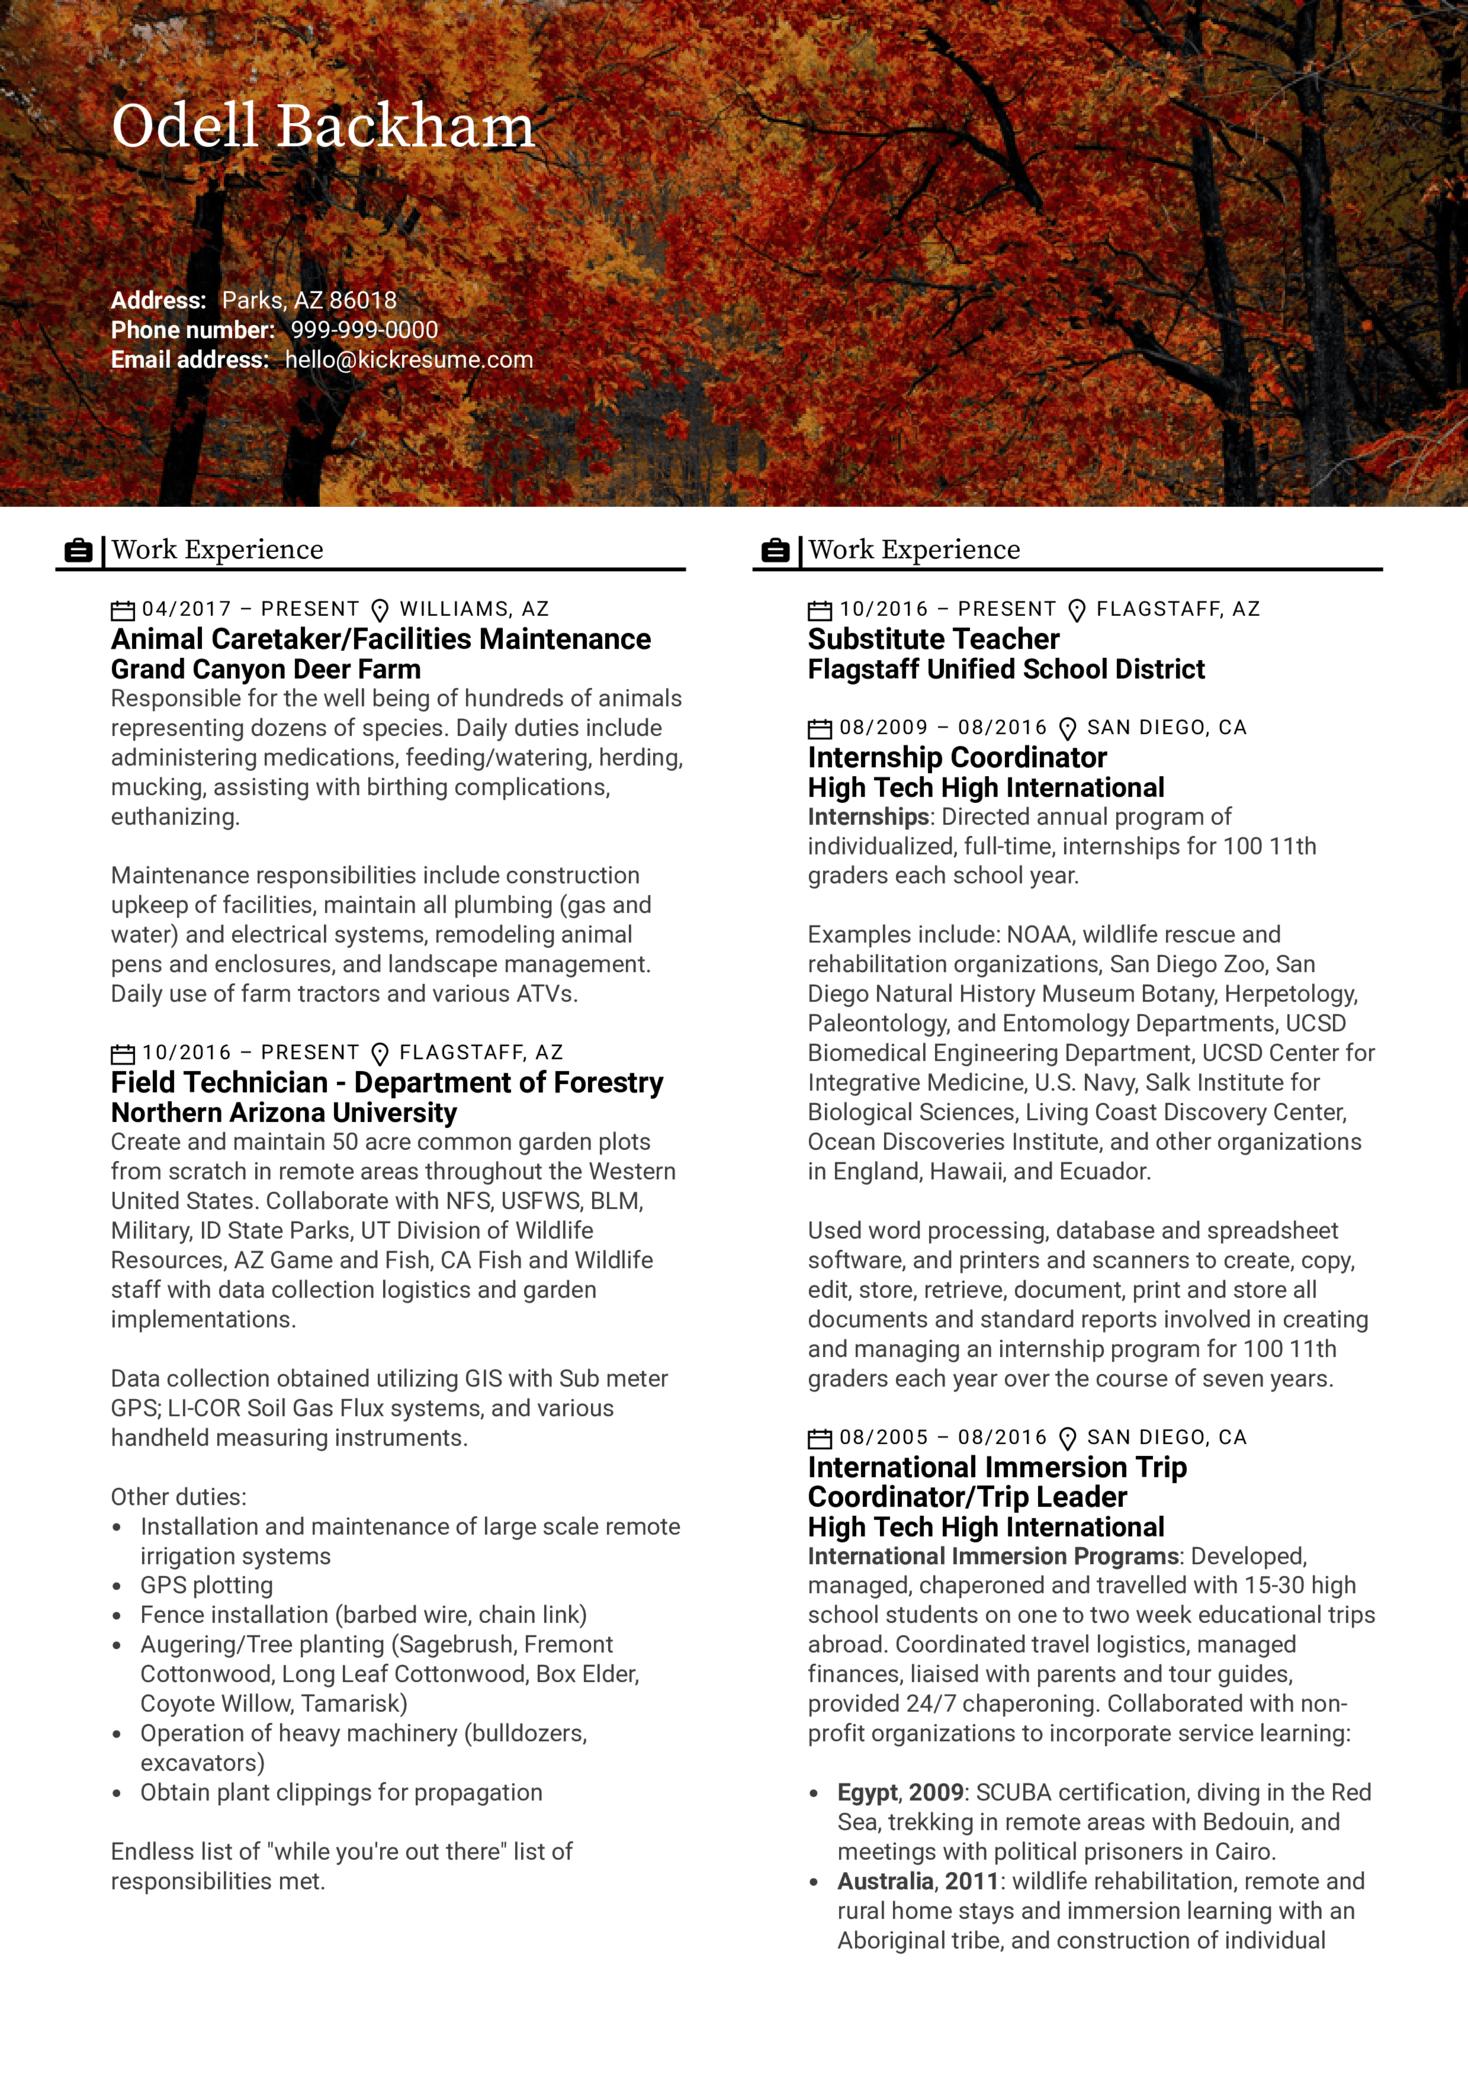 Field Technician Resume Template (parte 1)